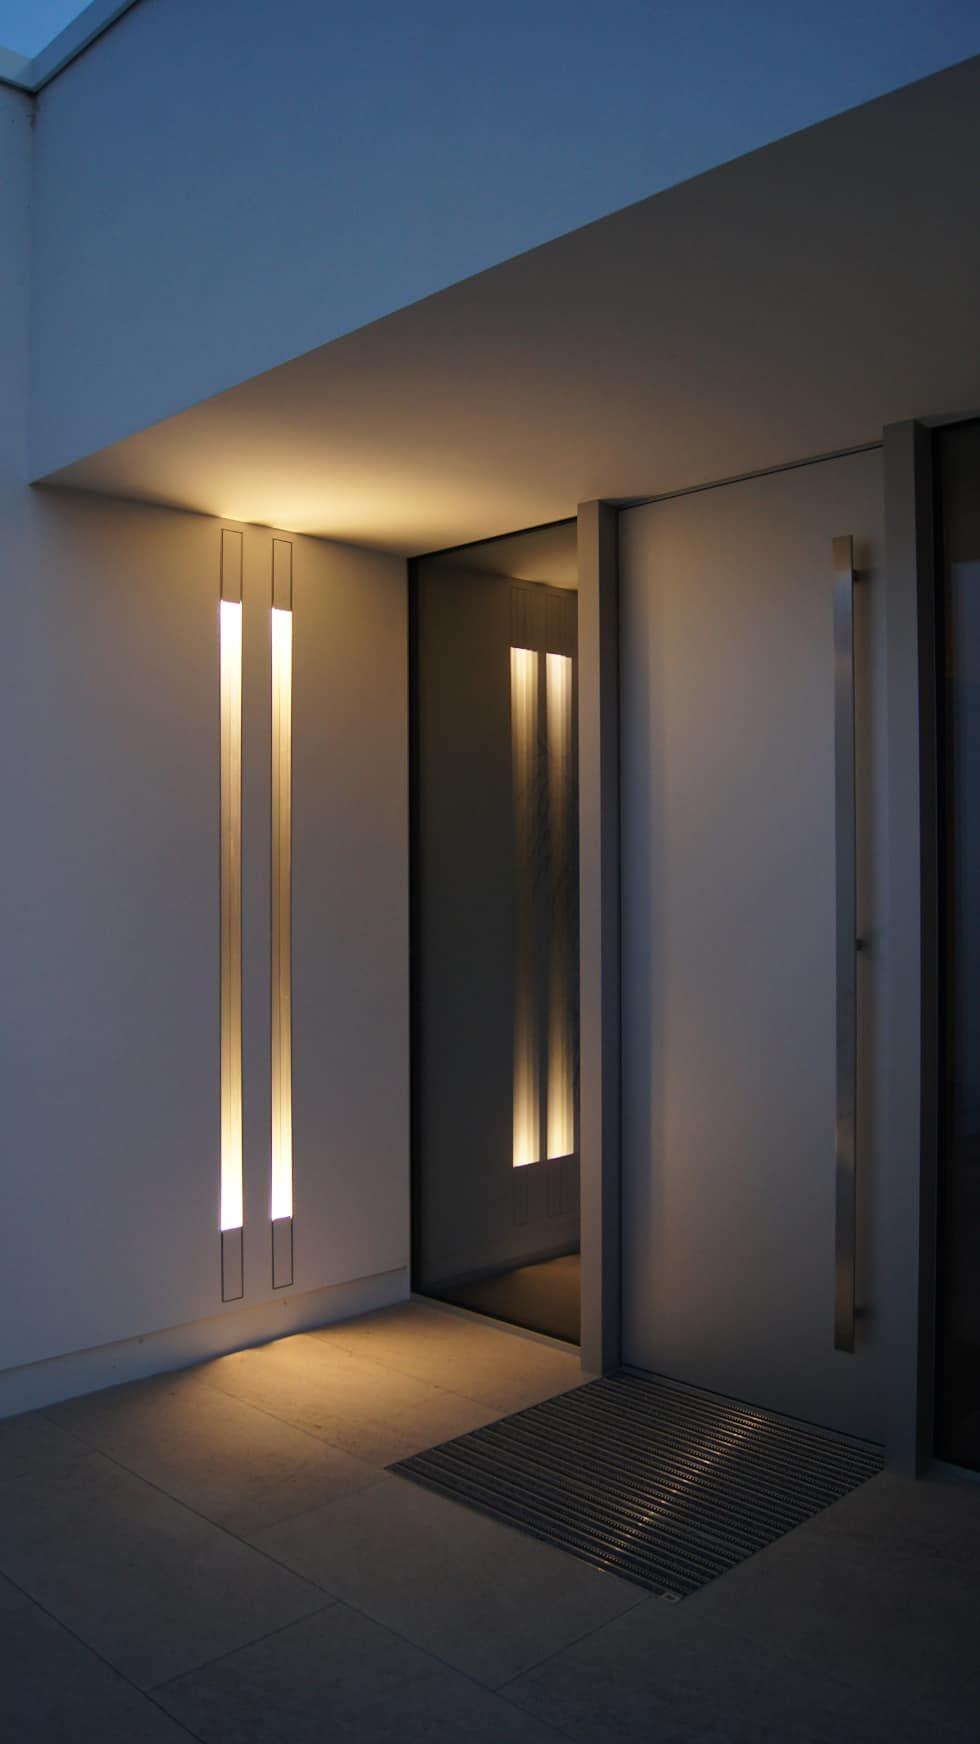 Moderne Wandbeleuchtung wohnideen interior design einrichtungsideen bilder lights